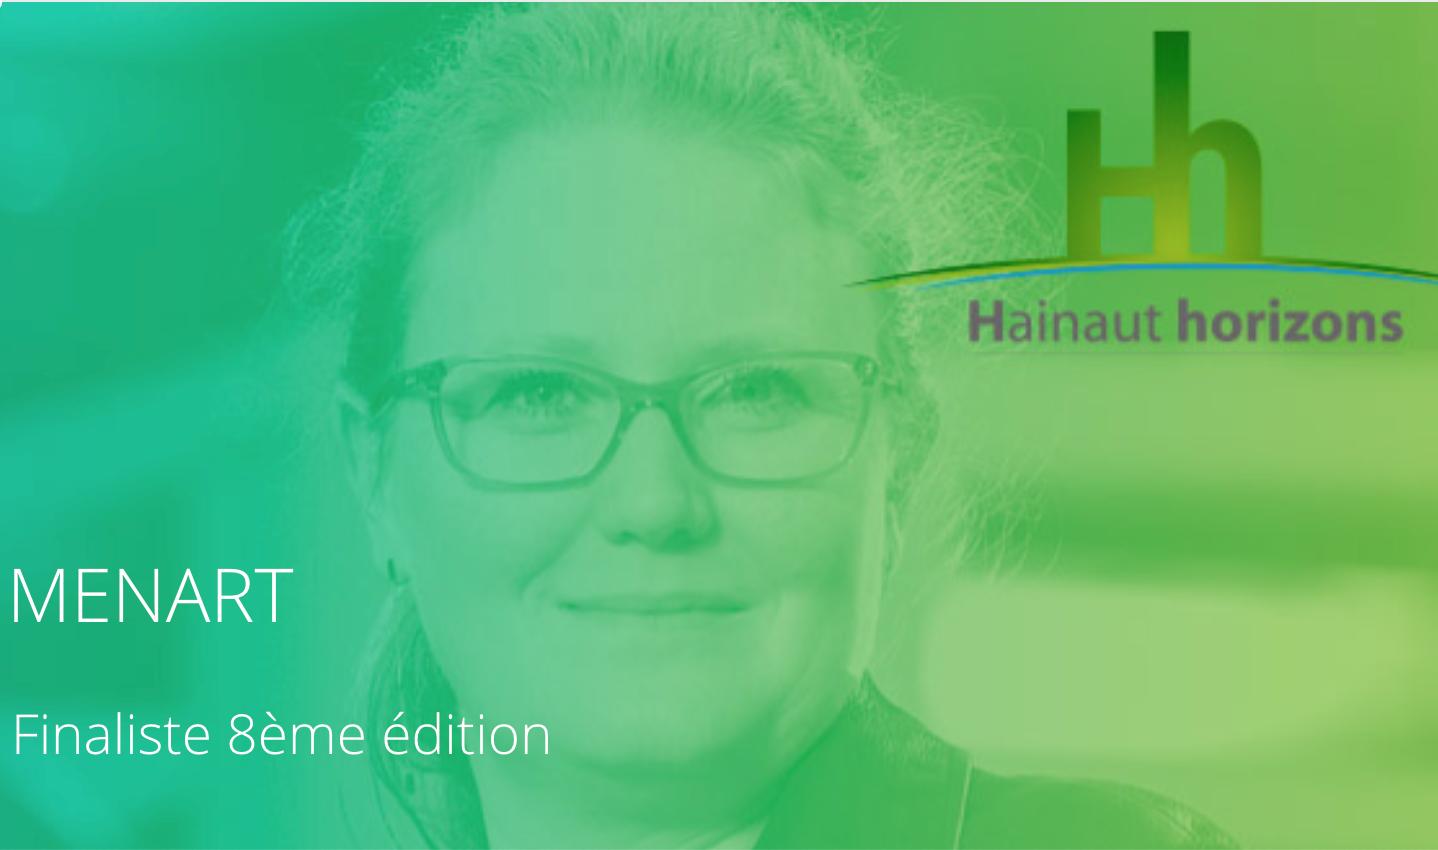 Menart, finaliste du Prix Hainaut Horizons 2021